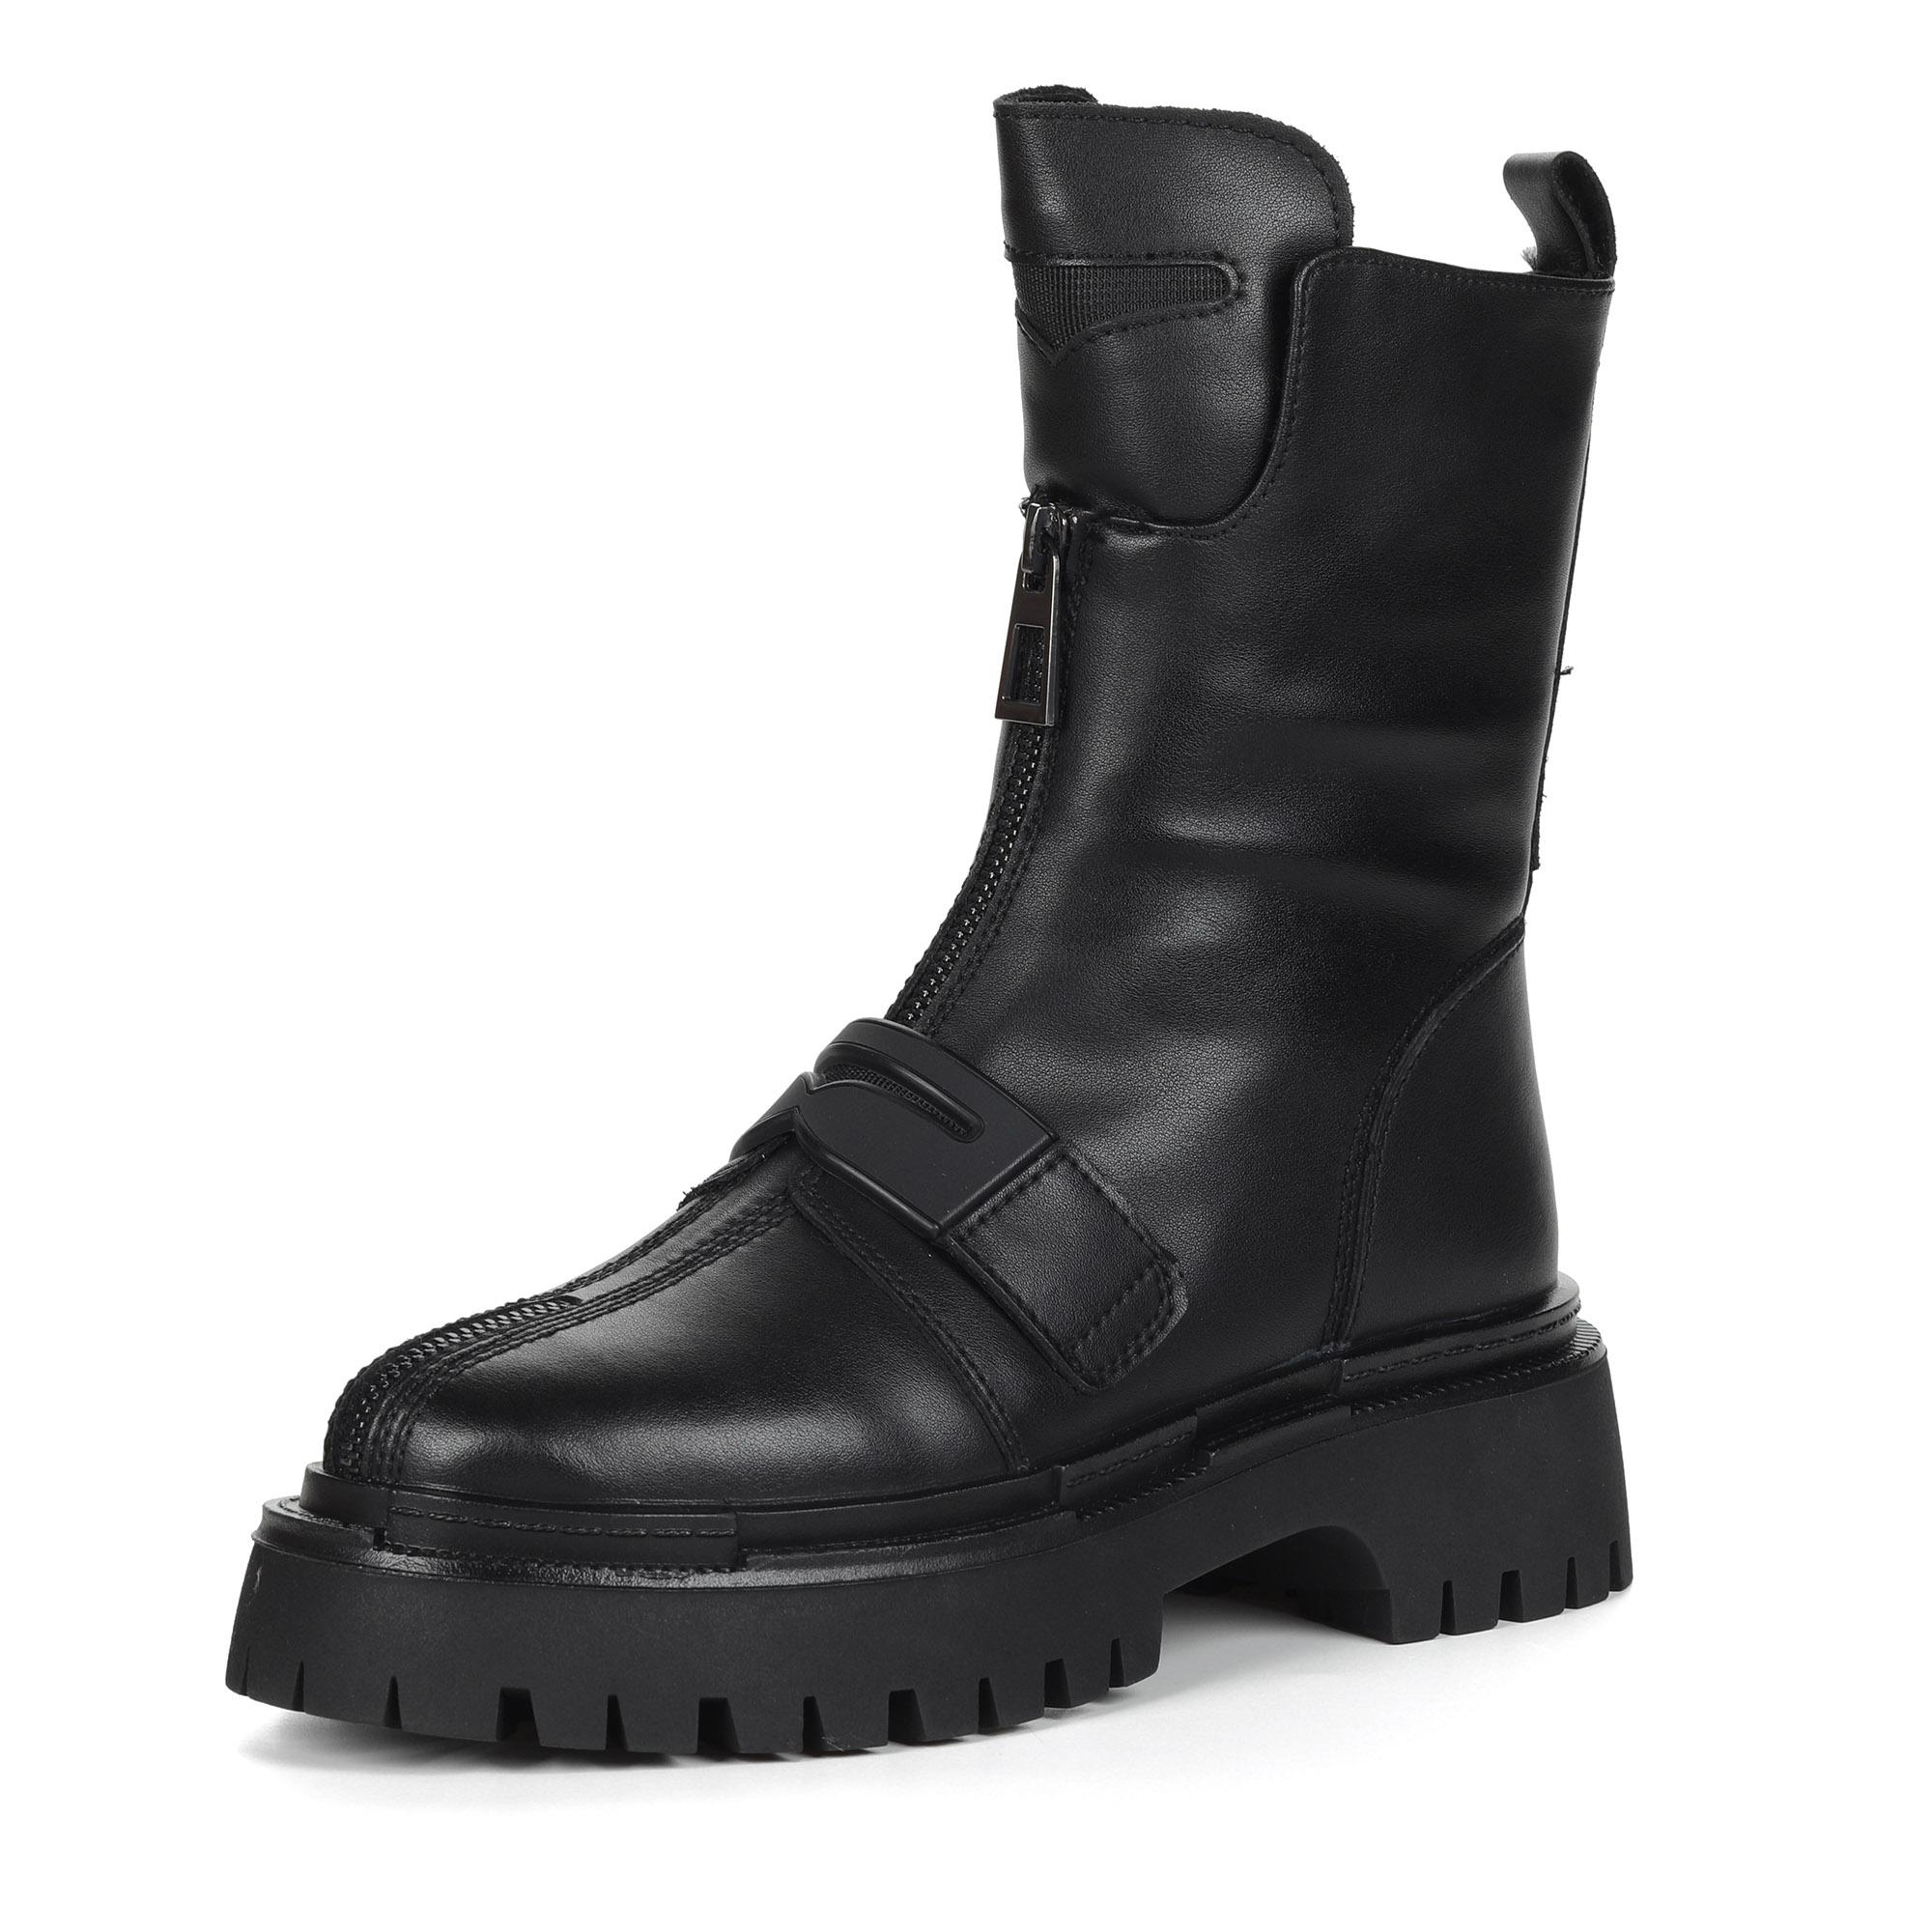 Черные ботинки милитари из кожи на утолщенной рифленой подошве на подкладке из натуральной шерсти